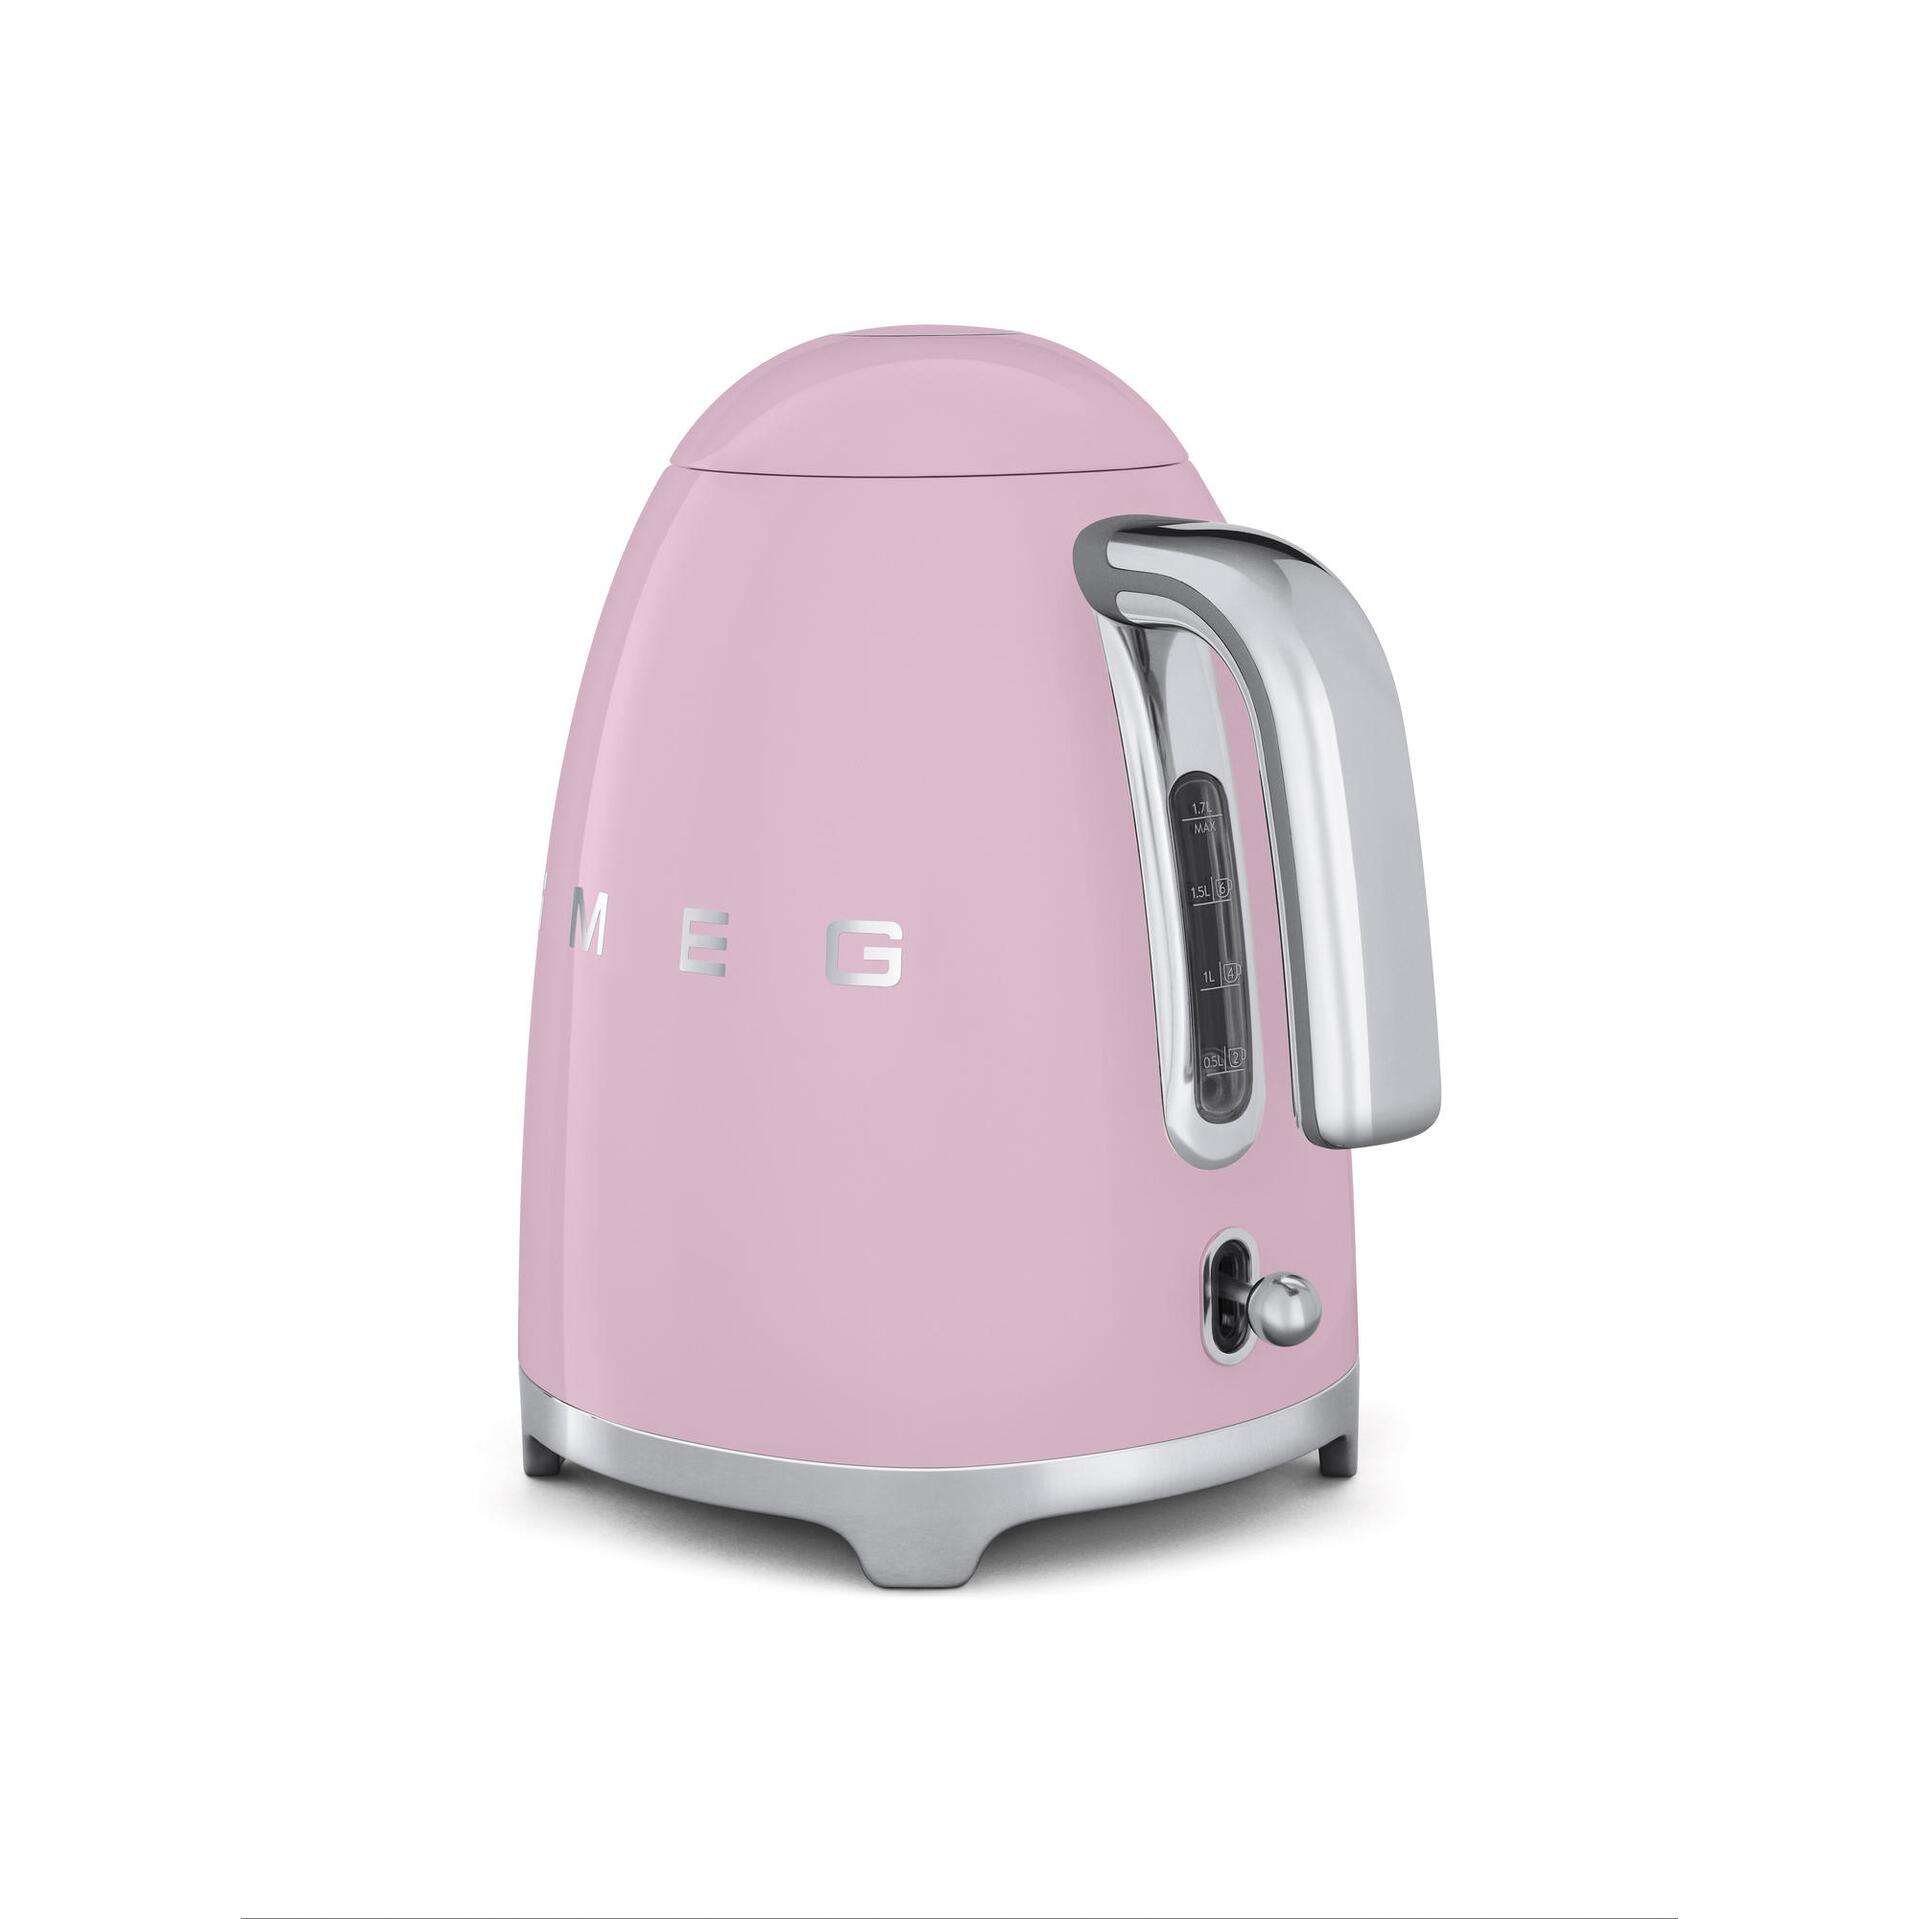 Smeg Retro Wasserkocher 1,7 Liter Cadillac Pink